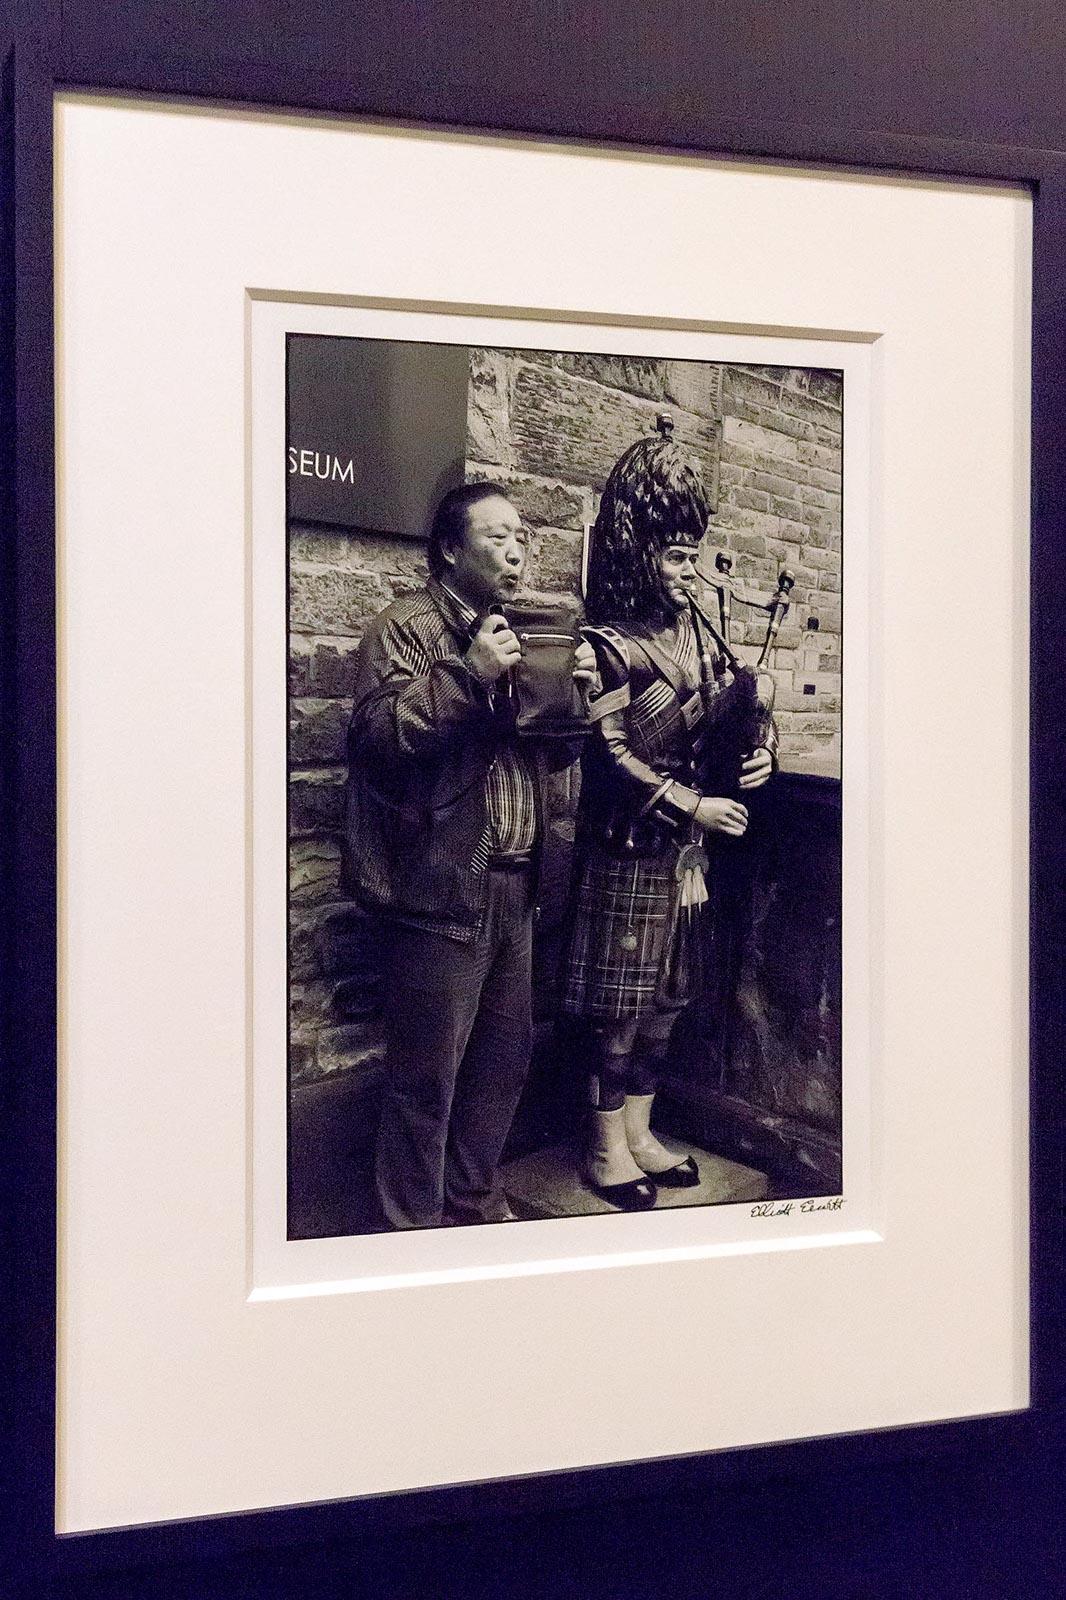 Фото №224557. Фото Эллиотта Эрвитта. Королевский музей шотландской драгунской гвардии, Эдинбургский замок, Эдинбург